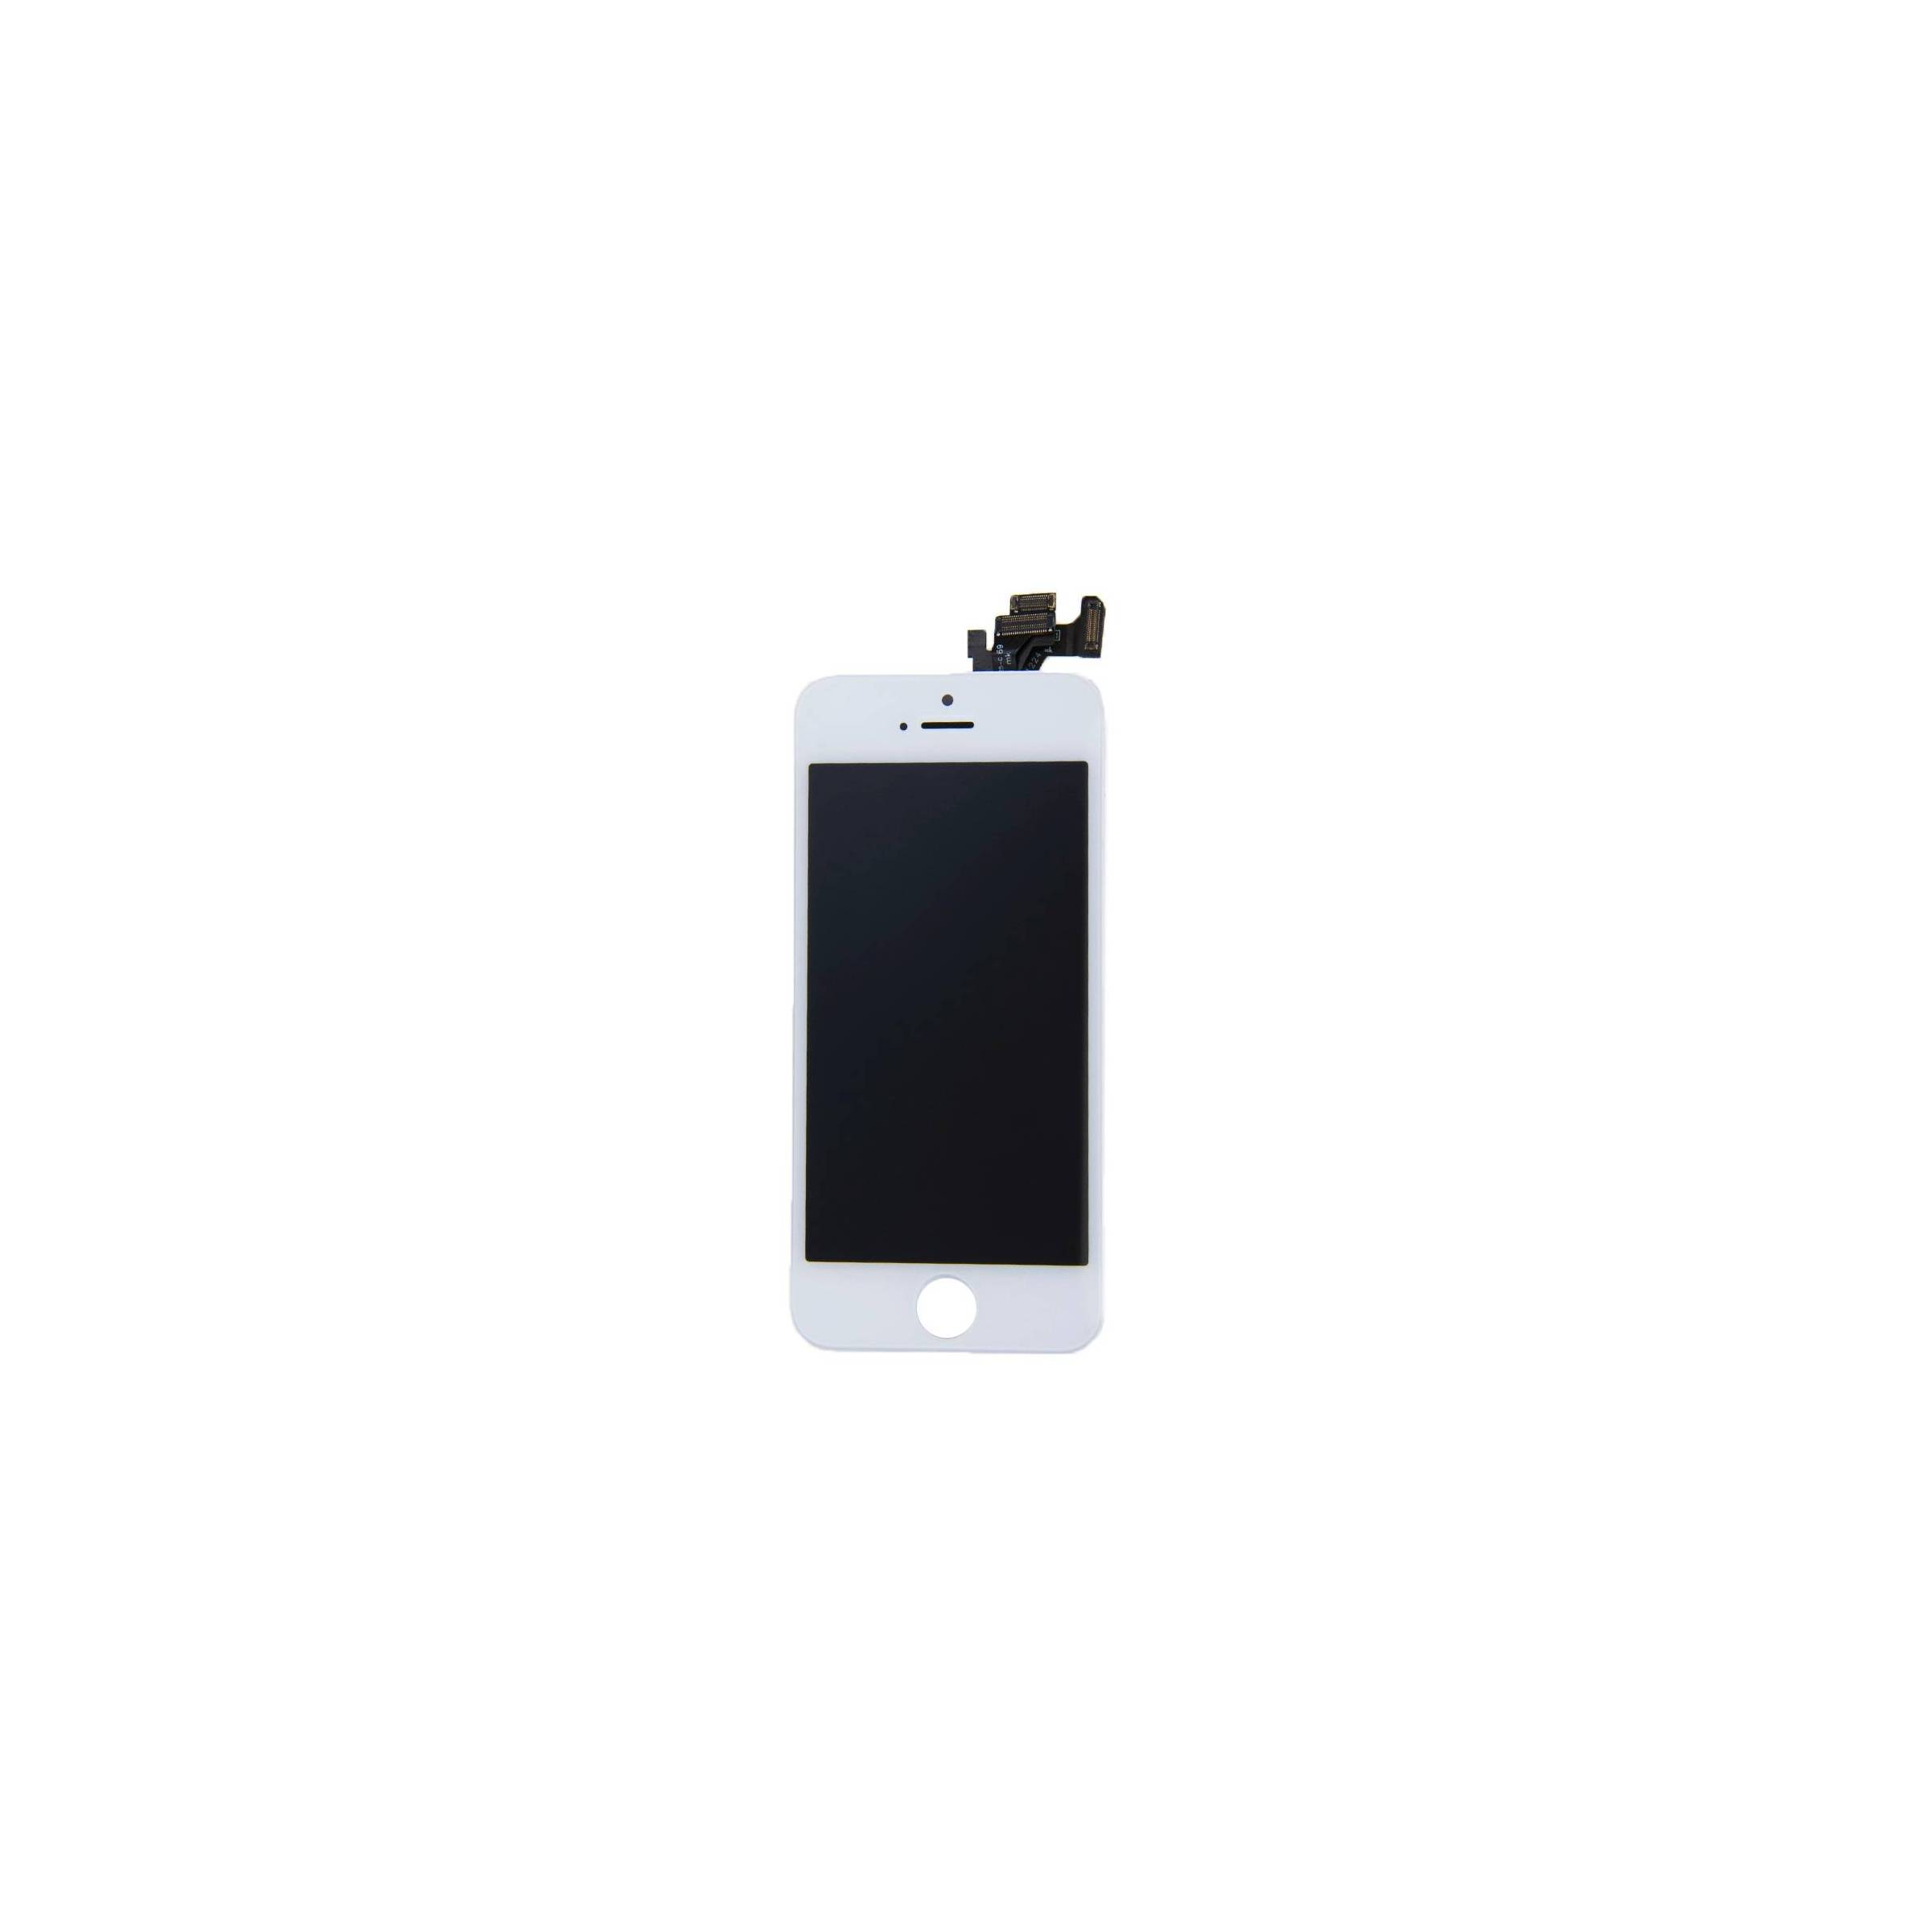 Iphone 5 skærm i semi original kvalitet farve hvid fra sinox fra mackabler.dk